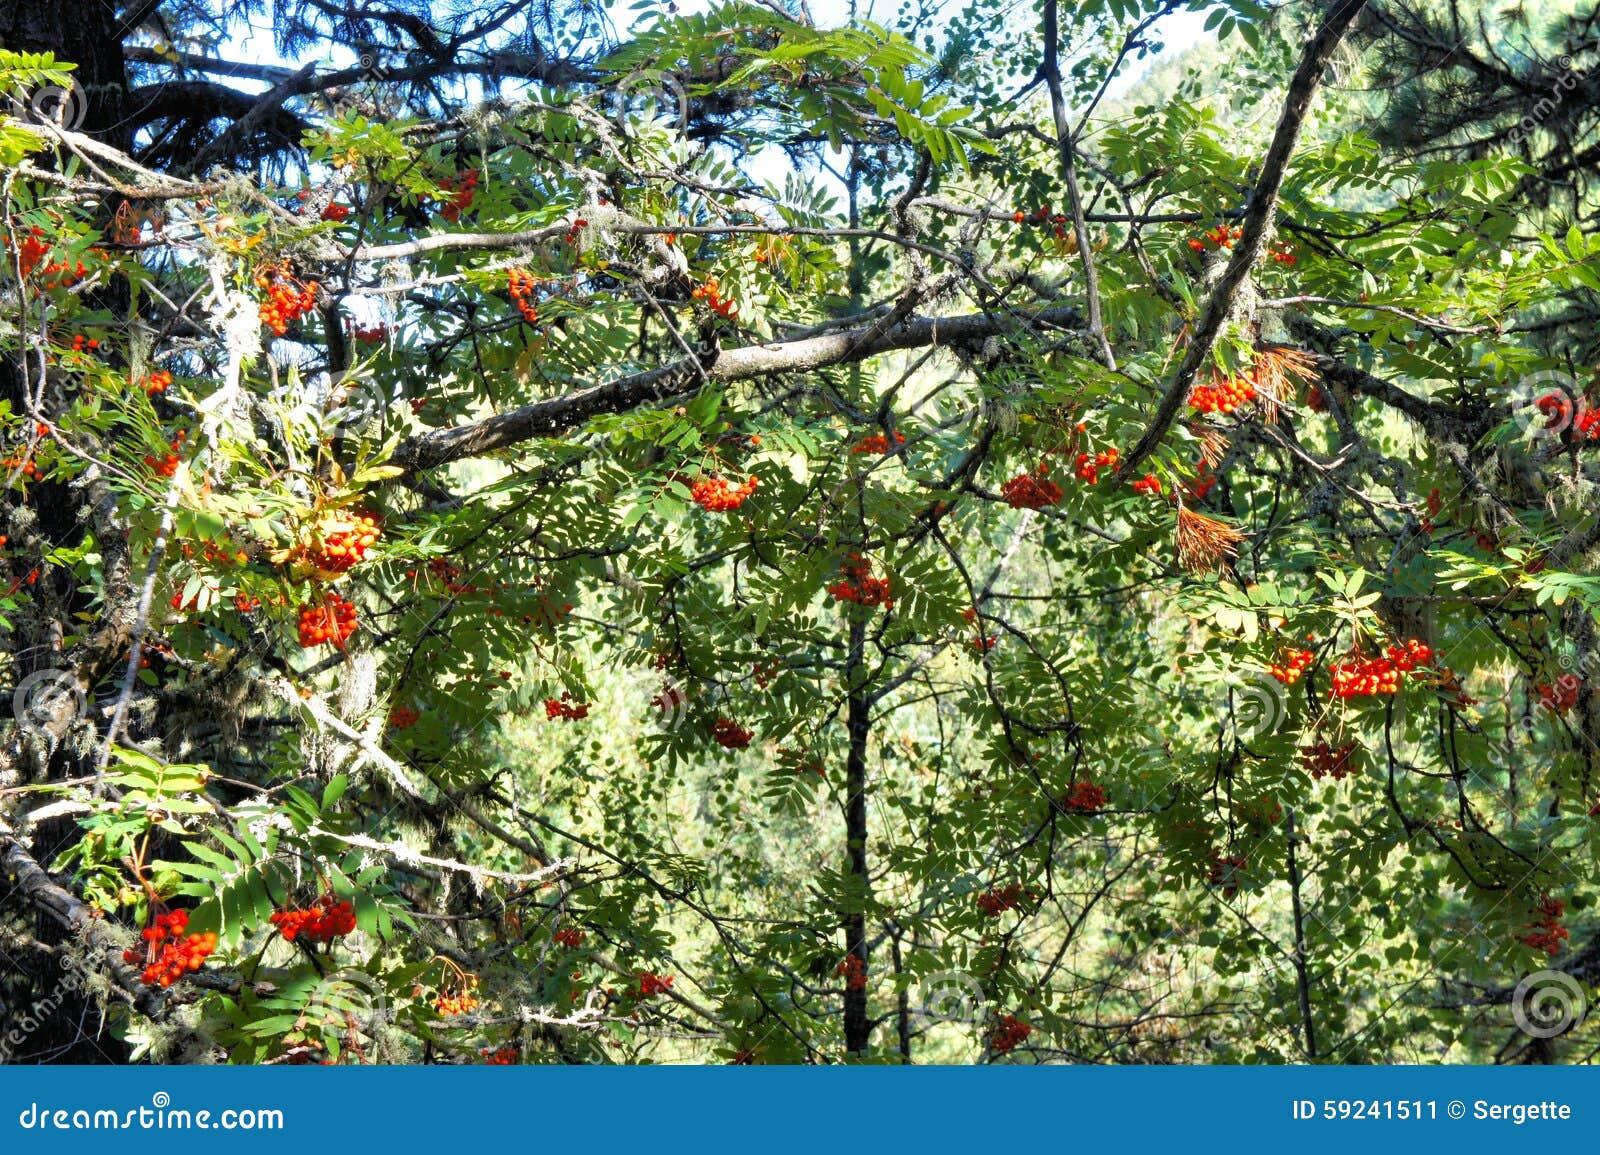 Download Las Ramas Con La Ceniza Madura, Roja Siberia Imagen de archivo - Imagen de color, imagen: 59241511